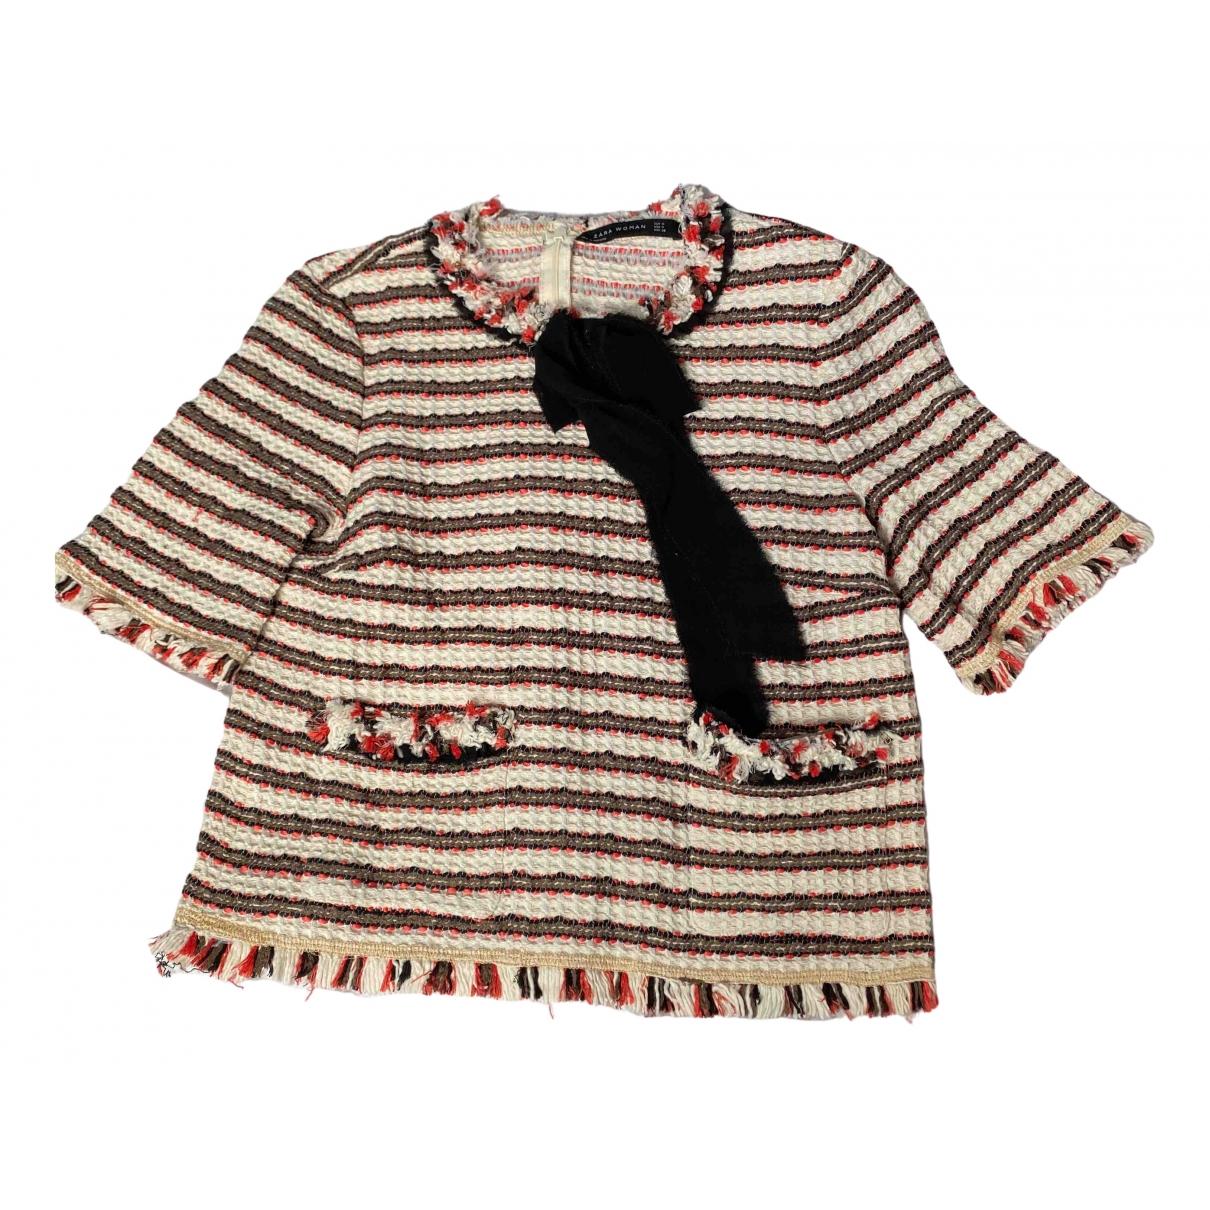 Zara \N Beige Tweed  top for Women 38 FR